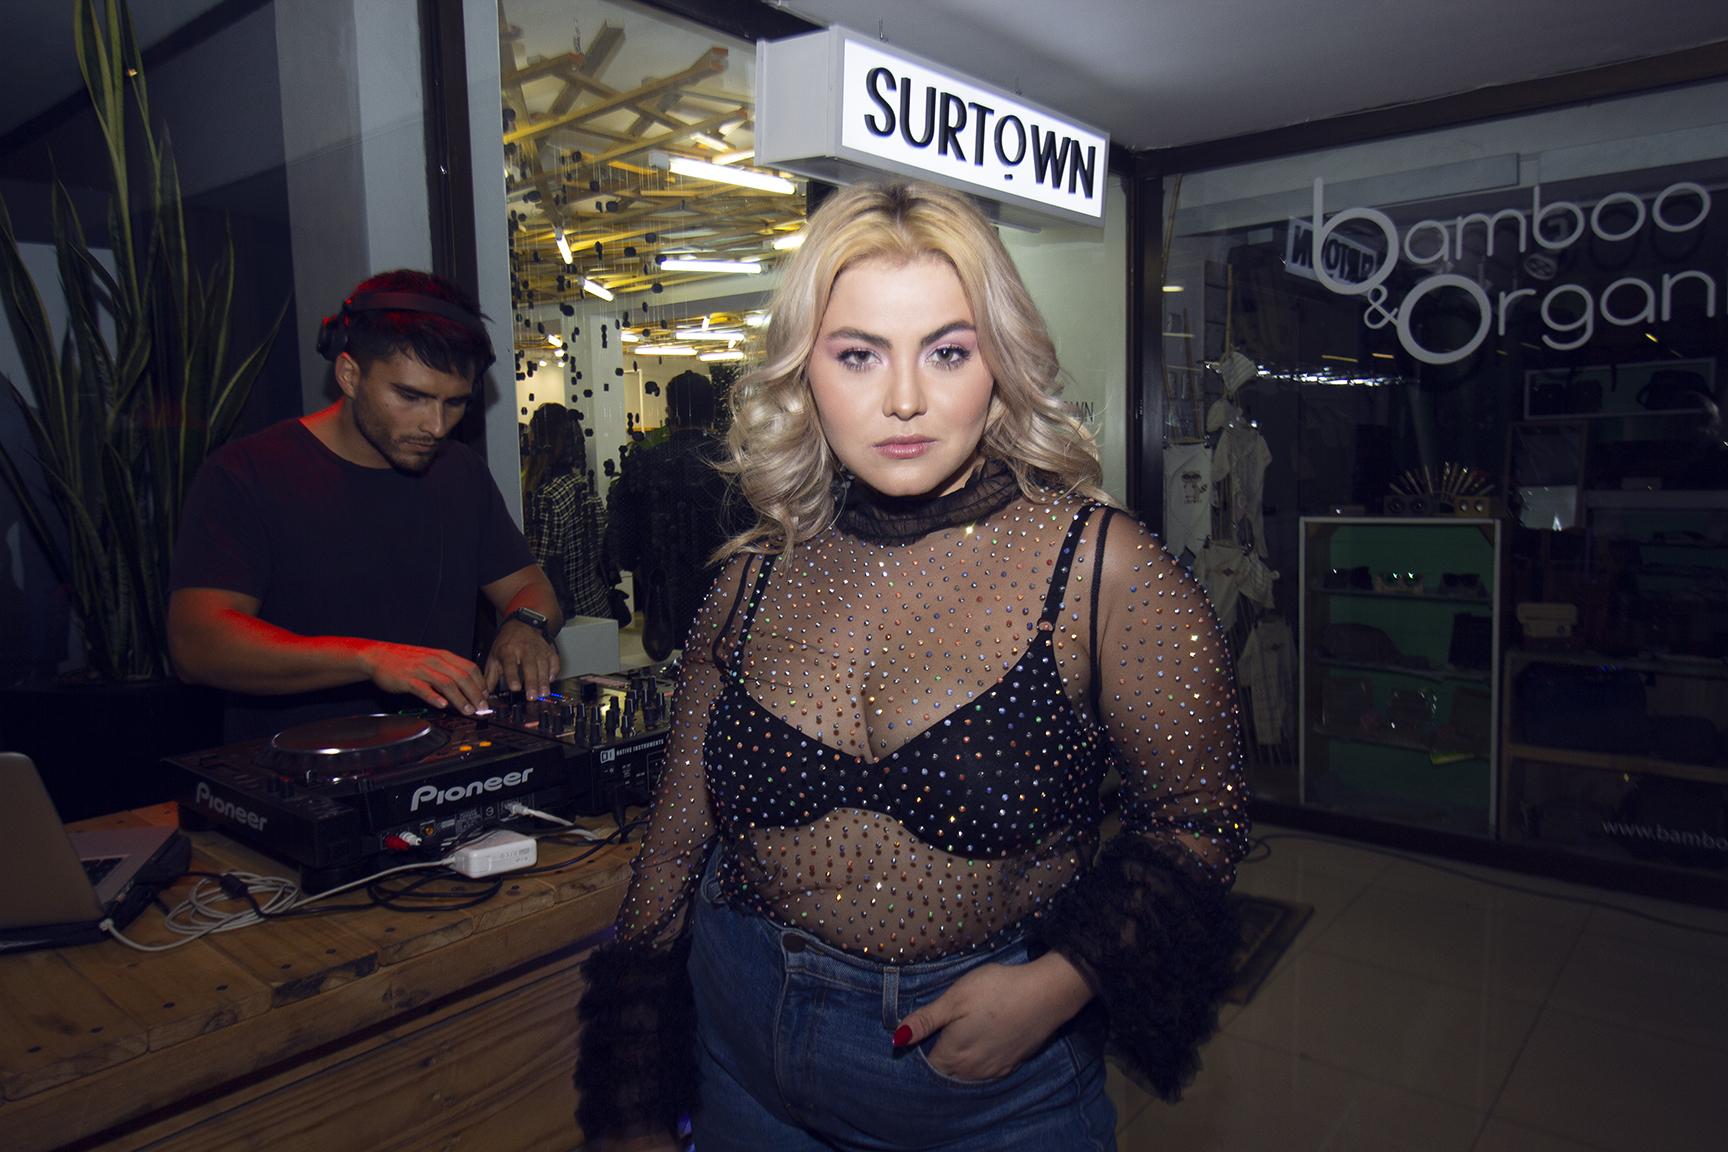 La inaguración oficial de la tienda chilena Surtown